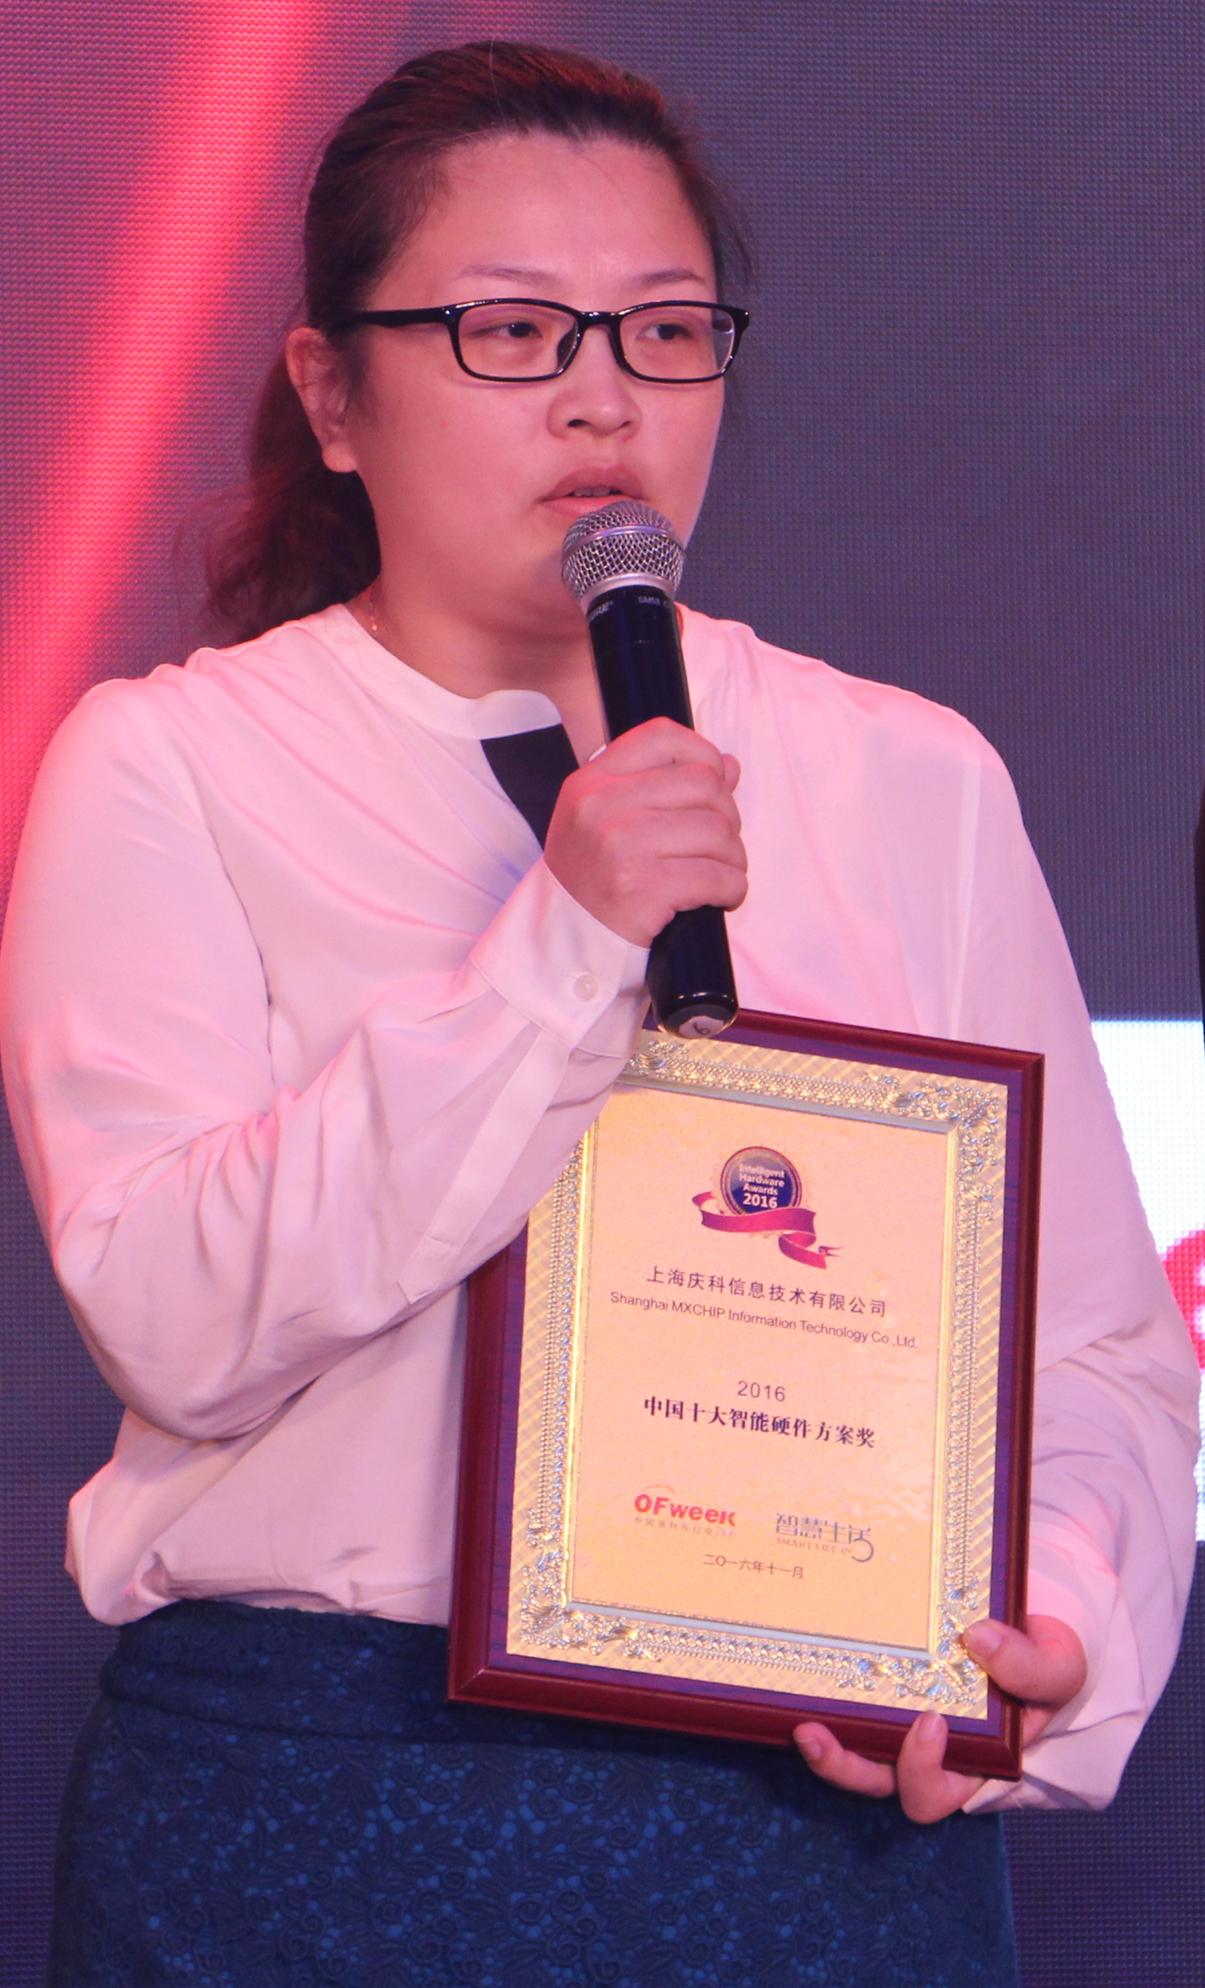 上海庆科信息技术有限公司获China Intelligent Hardware Awards 2016中国十大智能硬件方案奖